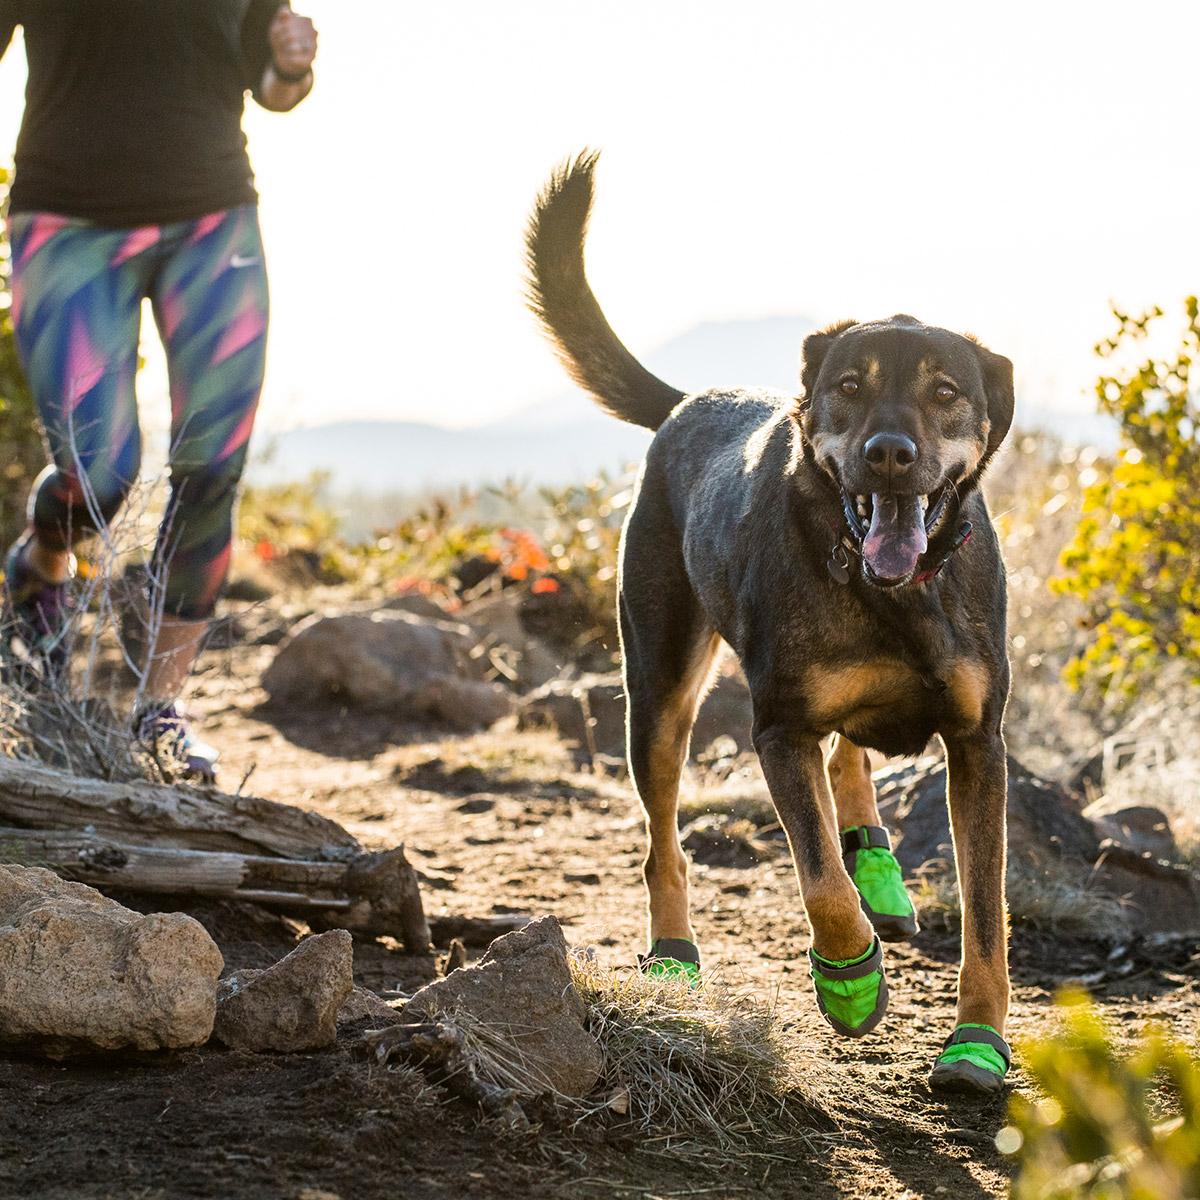 美国拉夫威尔狗狗鞋子萨米特狗狗鞋子时尚运动狗狗鞋进口宠物用品